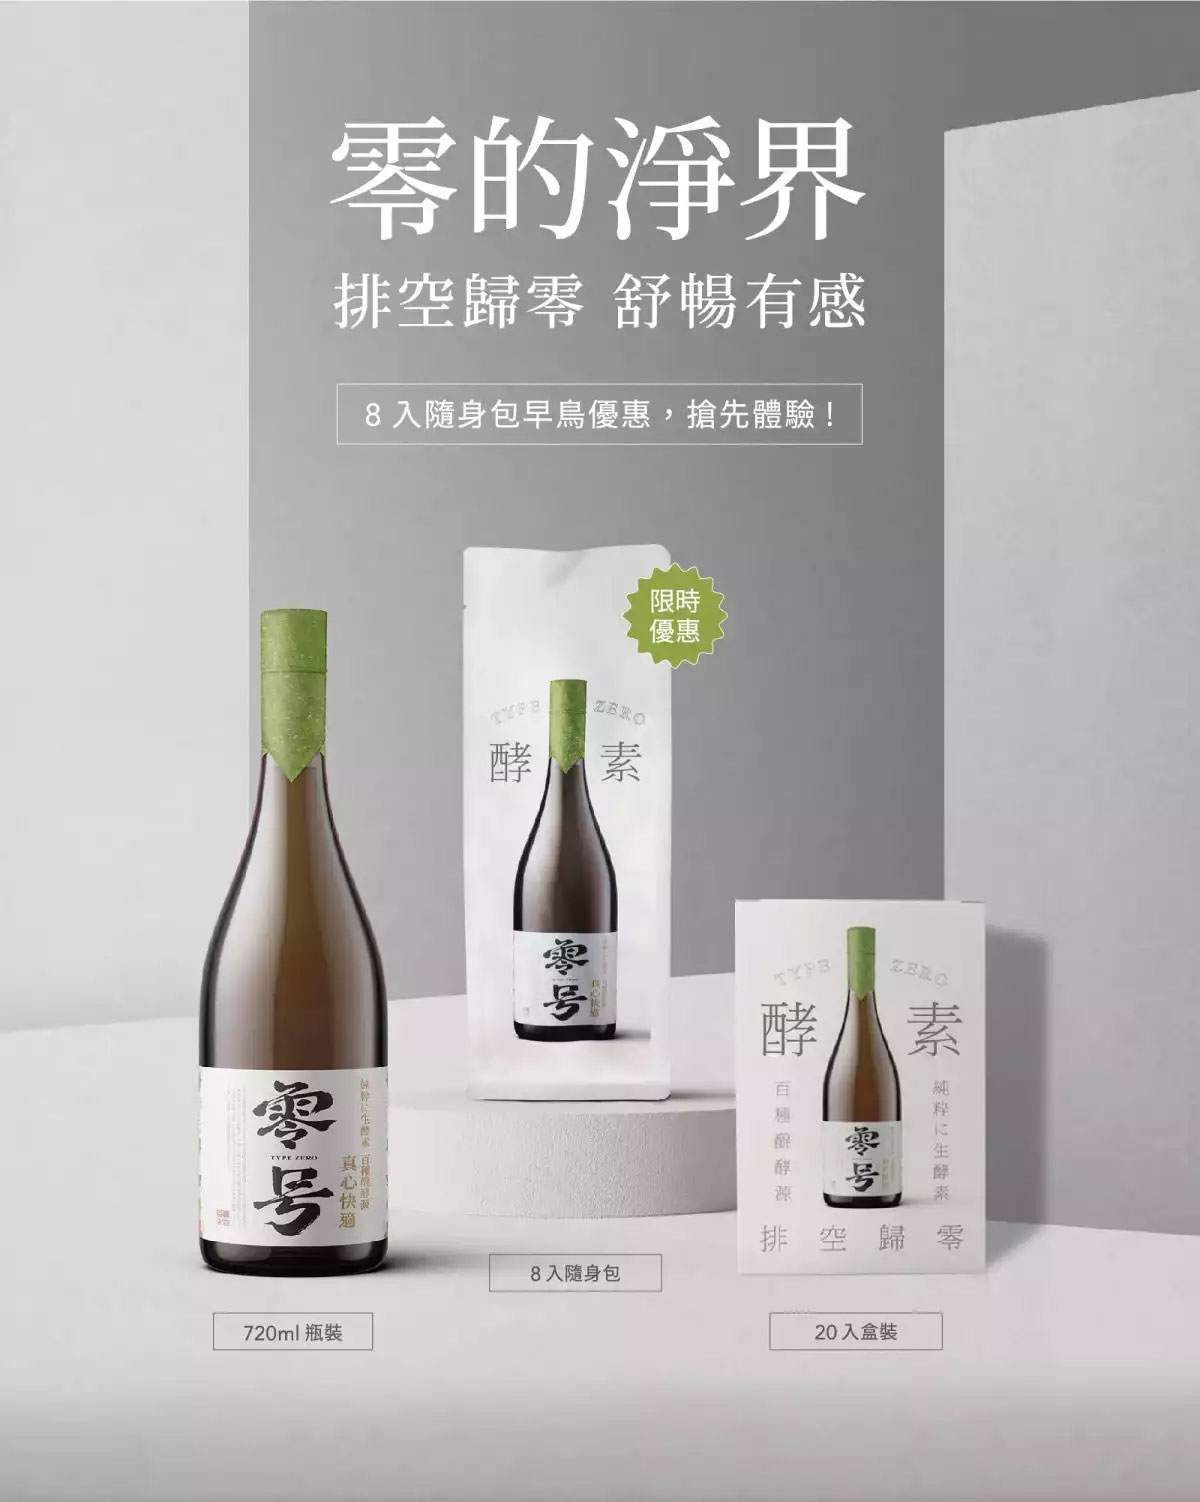 日本零號生酵素-101綜合蔬果酵素-100萬高濃度SOD-排空歸零養顏美容-產品封面